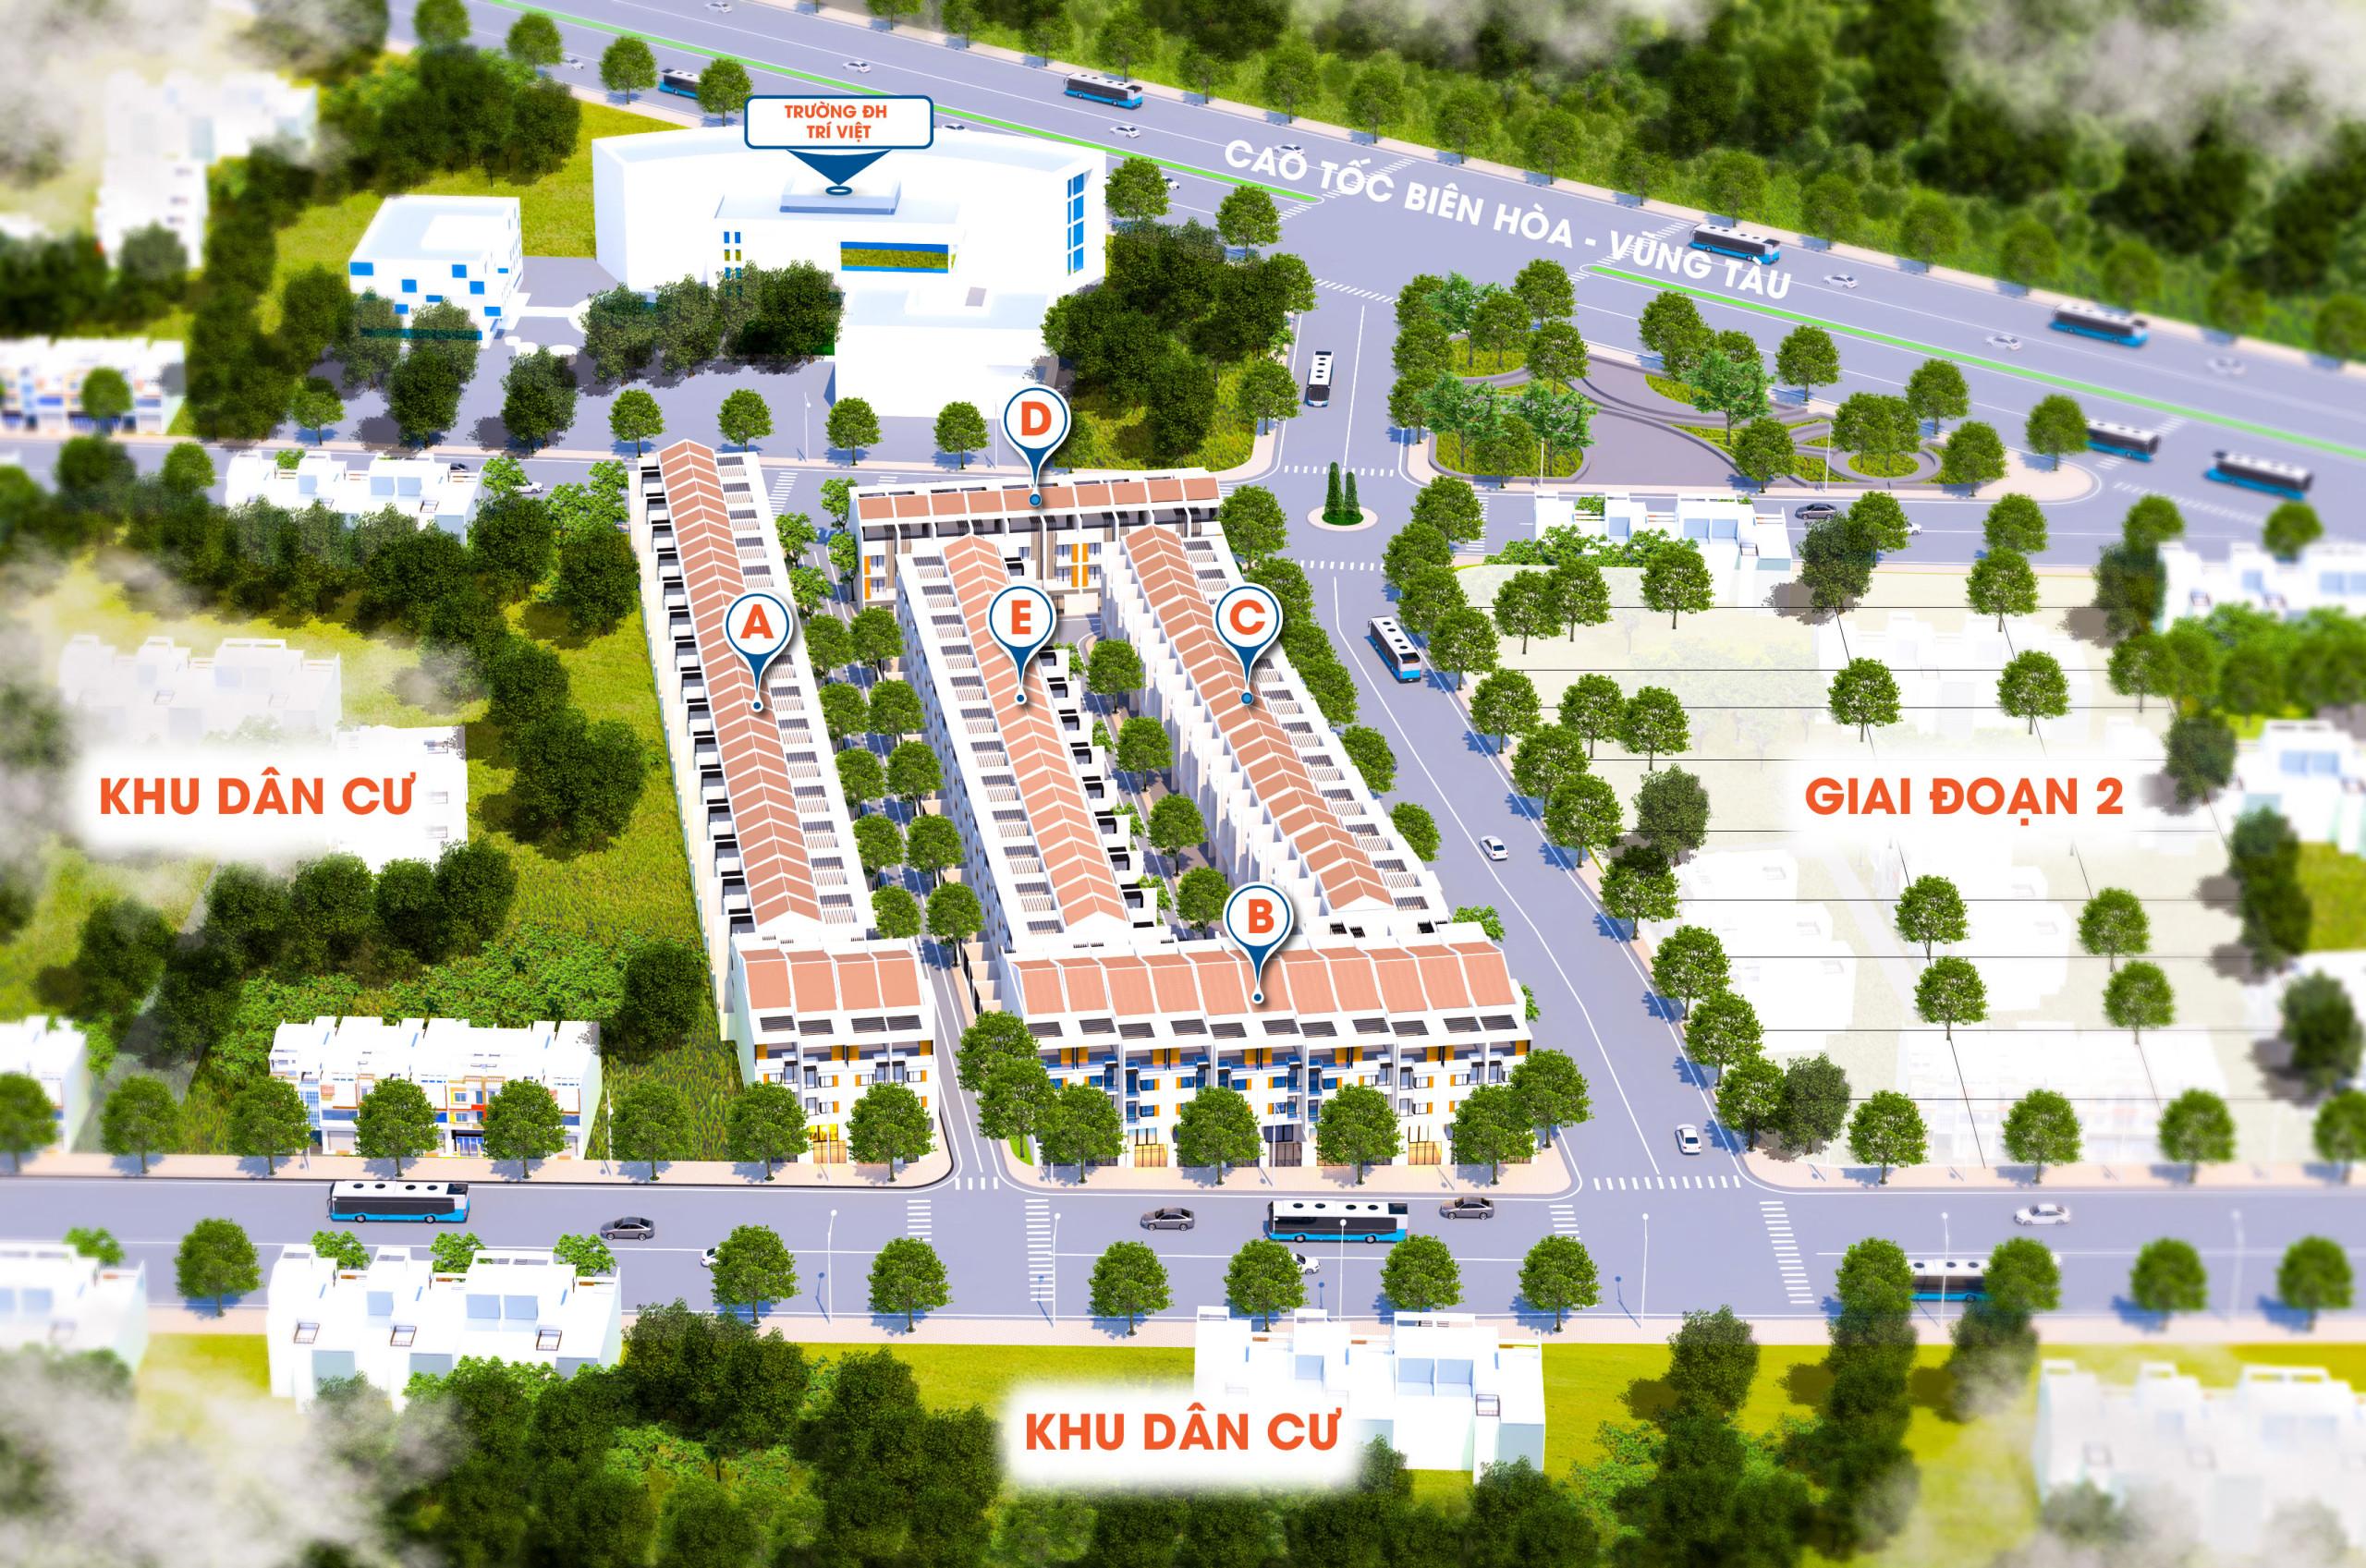 Phối cảnh tổng thể dự án khu dân cư Golden Central Park Bà Rịa – Vũng Tàu